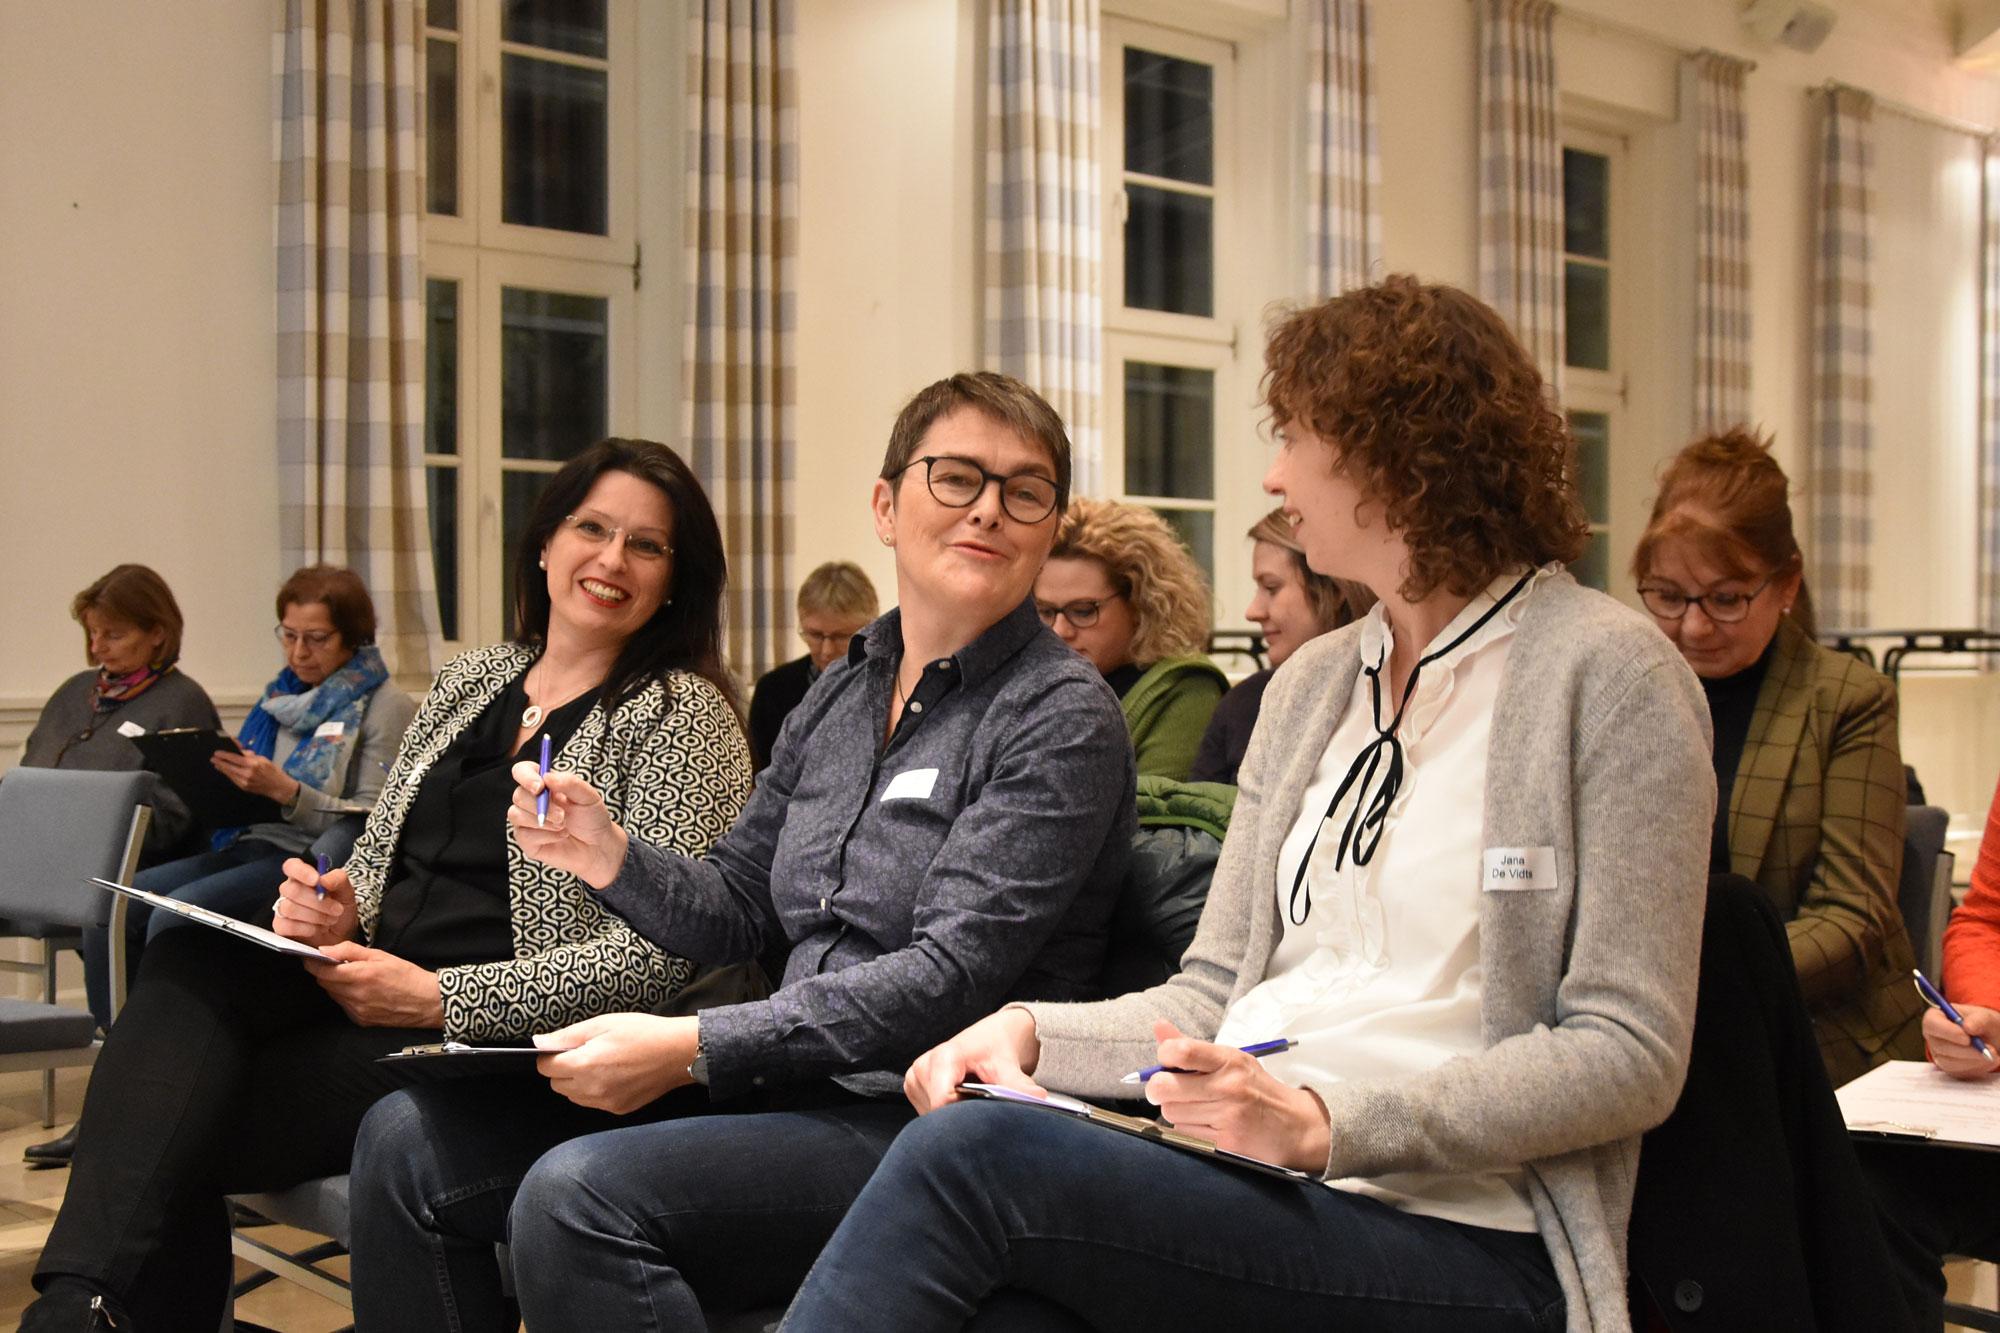 """Reger Austausch und viel Spaß: Bei der letzten Sitzung der Veranstaltungsreihe """"Mehr Frauen in die Politik"""" ließen die Teilnehmerinnen das Jahr Revue passieren. (Foto: Stadt Lippstadt)"""